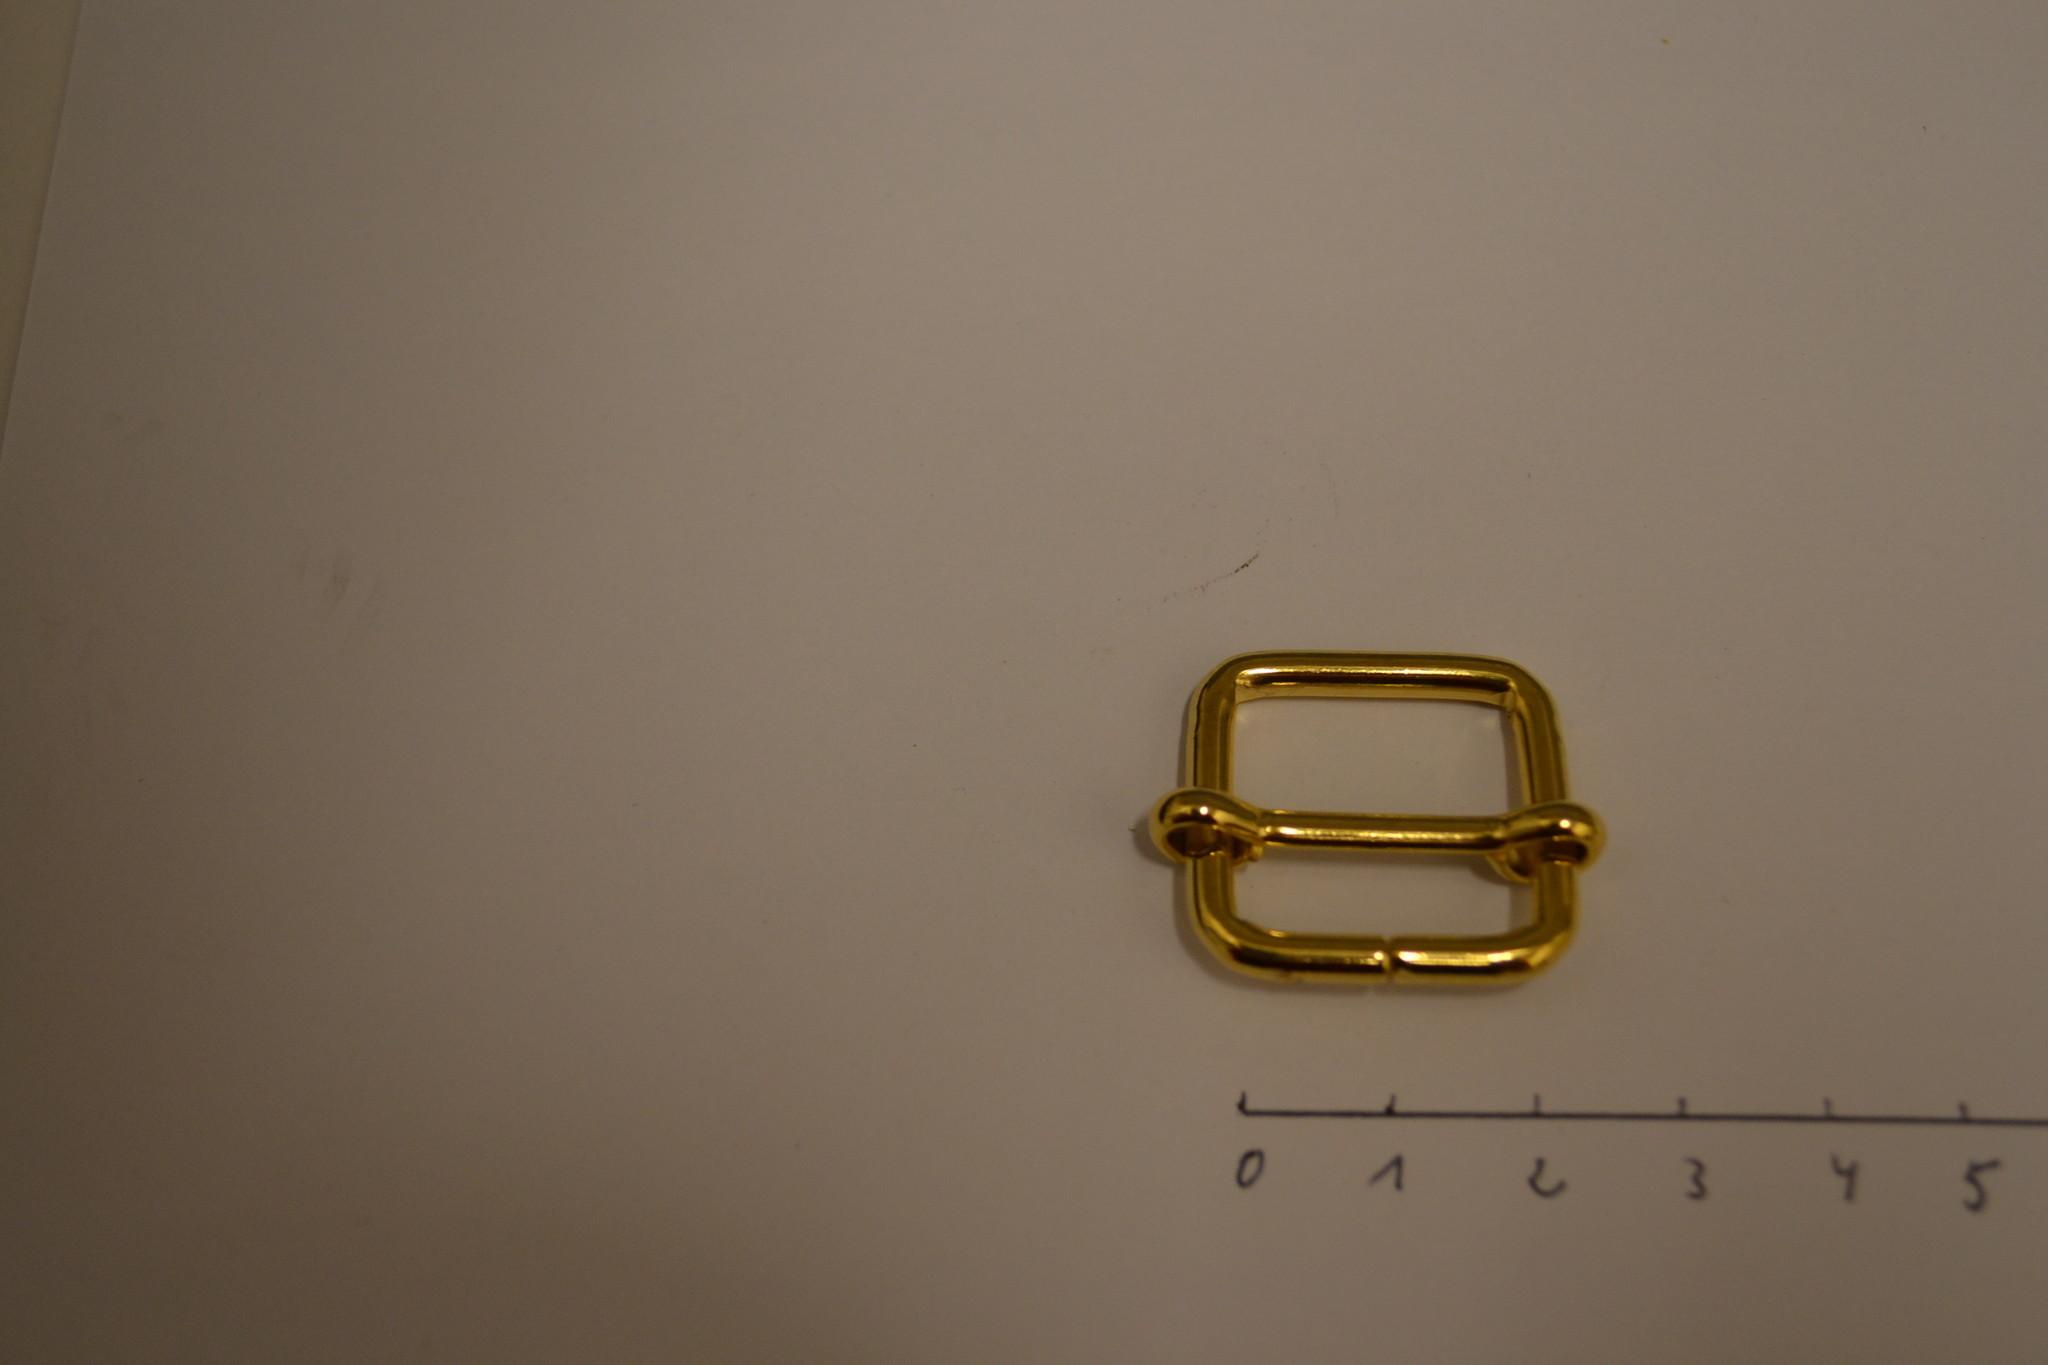 S26 Schuifgesp 20x20x3 goud